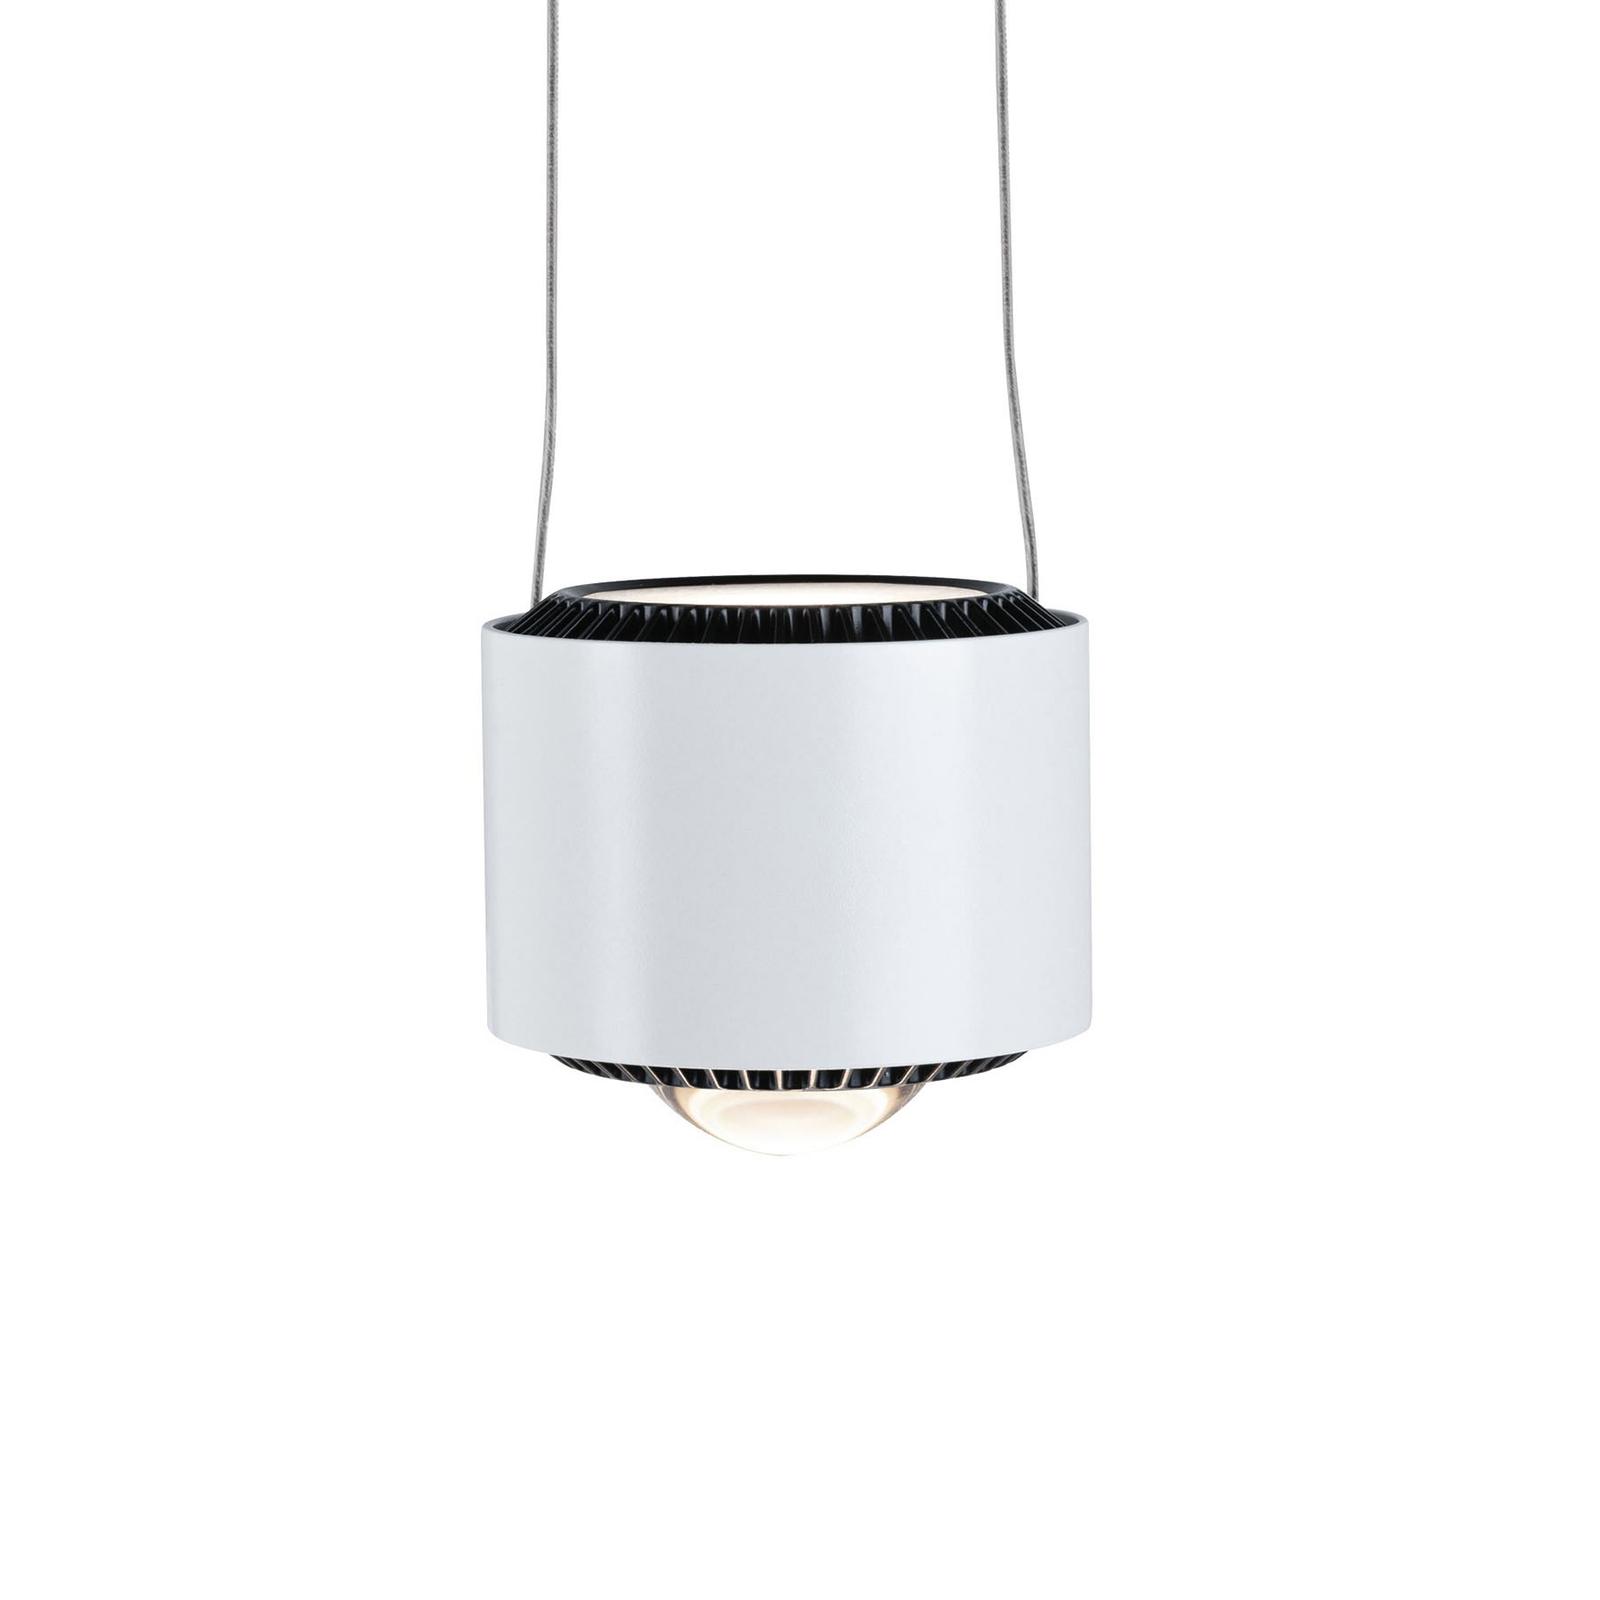 Paulmann URail Aldan LED-Pendel, weiß